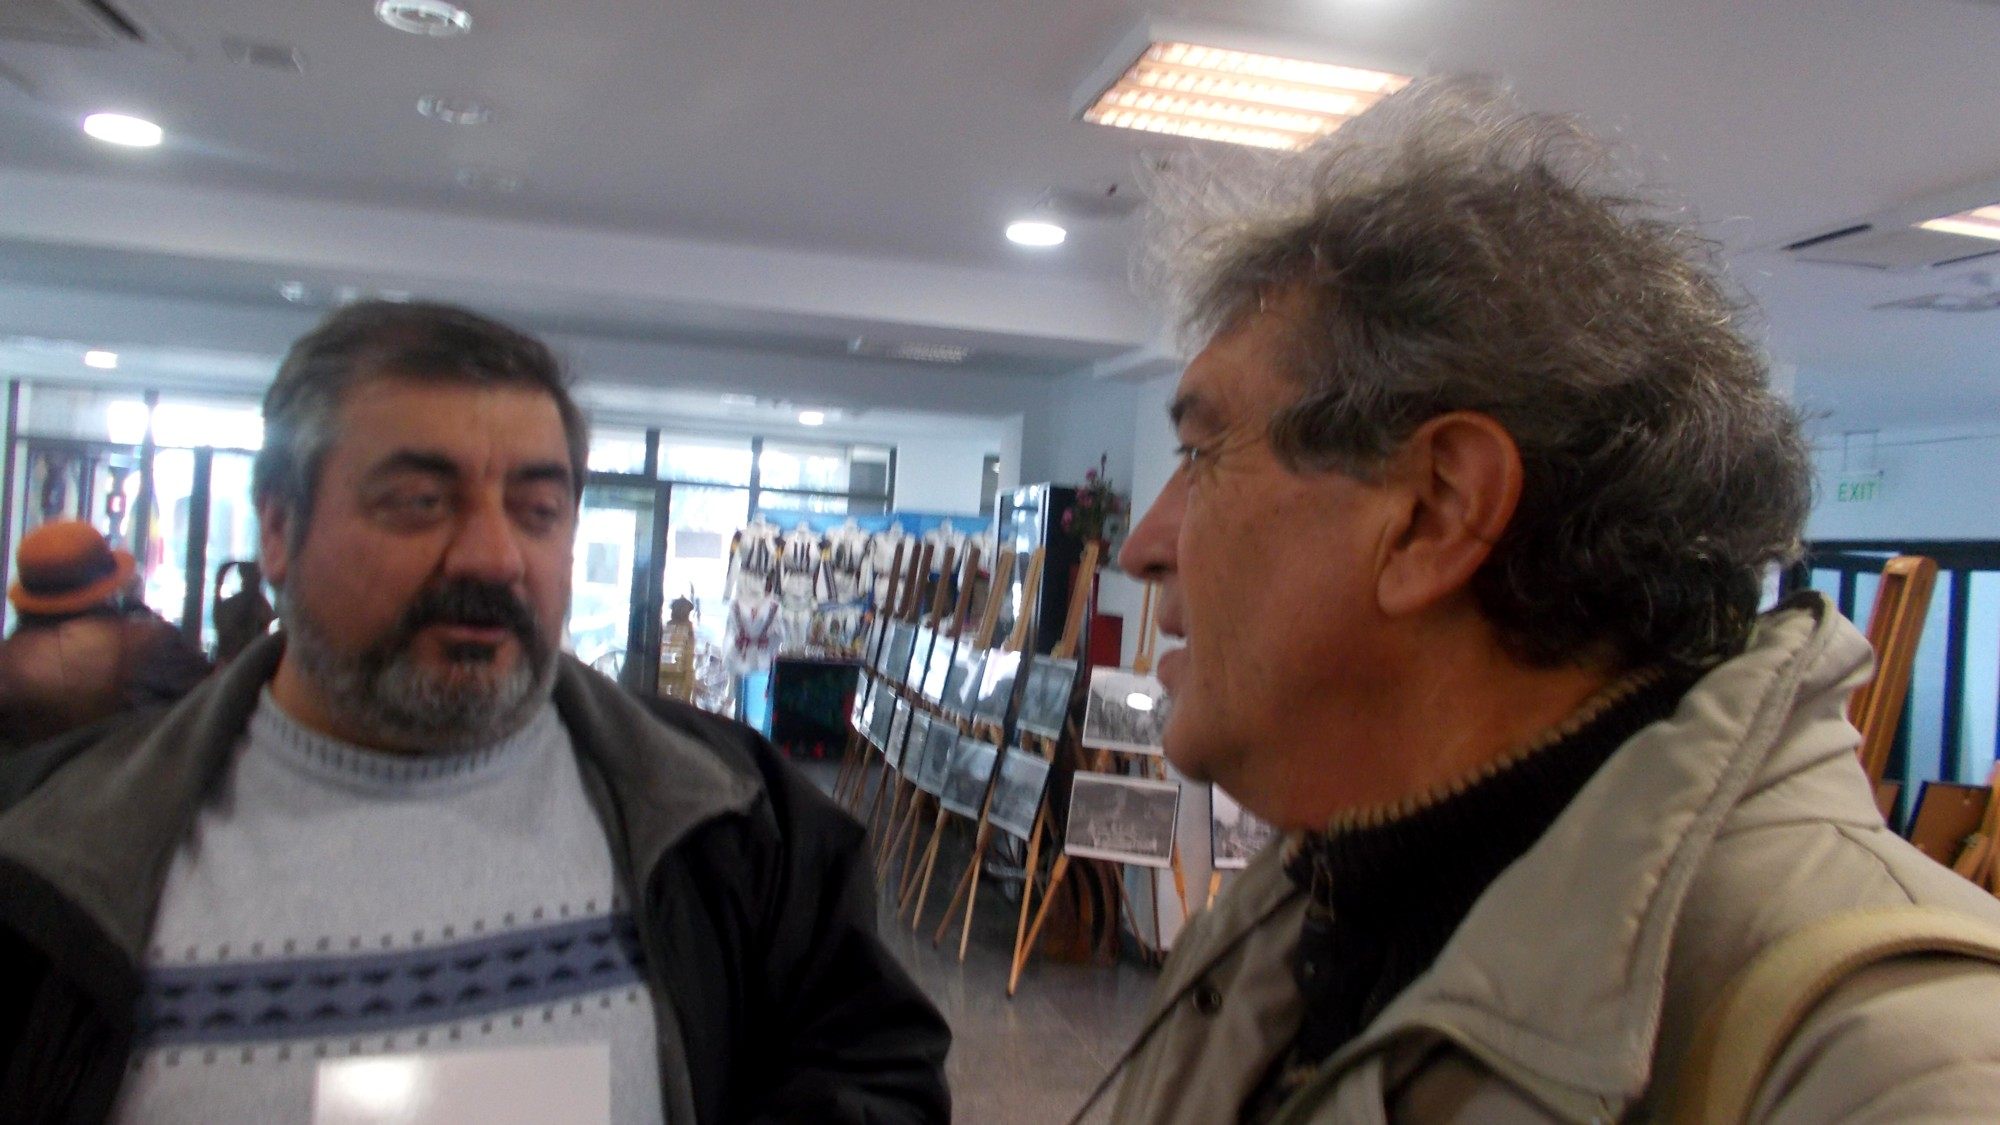 Sculptorul Liviu Jitaru şi umoristul Constantin Horbovan